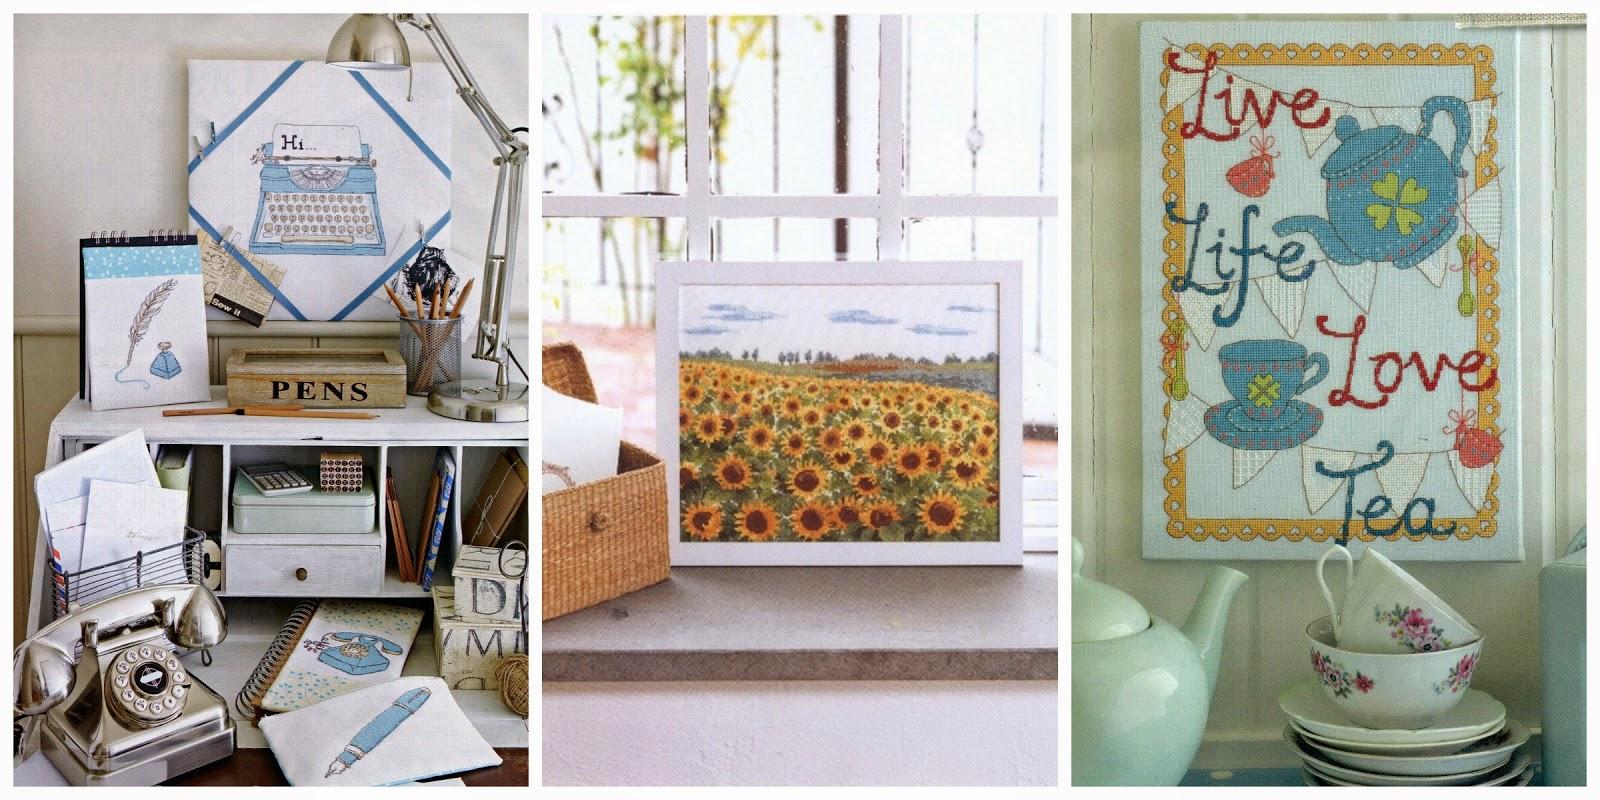 Вышивки в интерьере квартиры фото